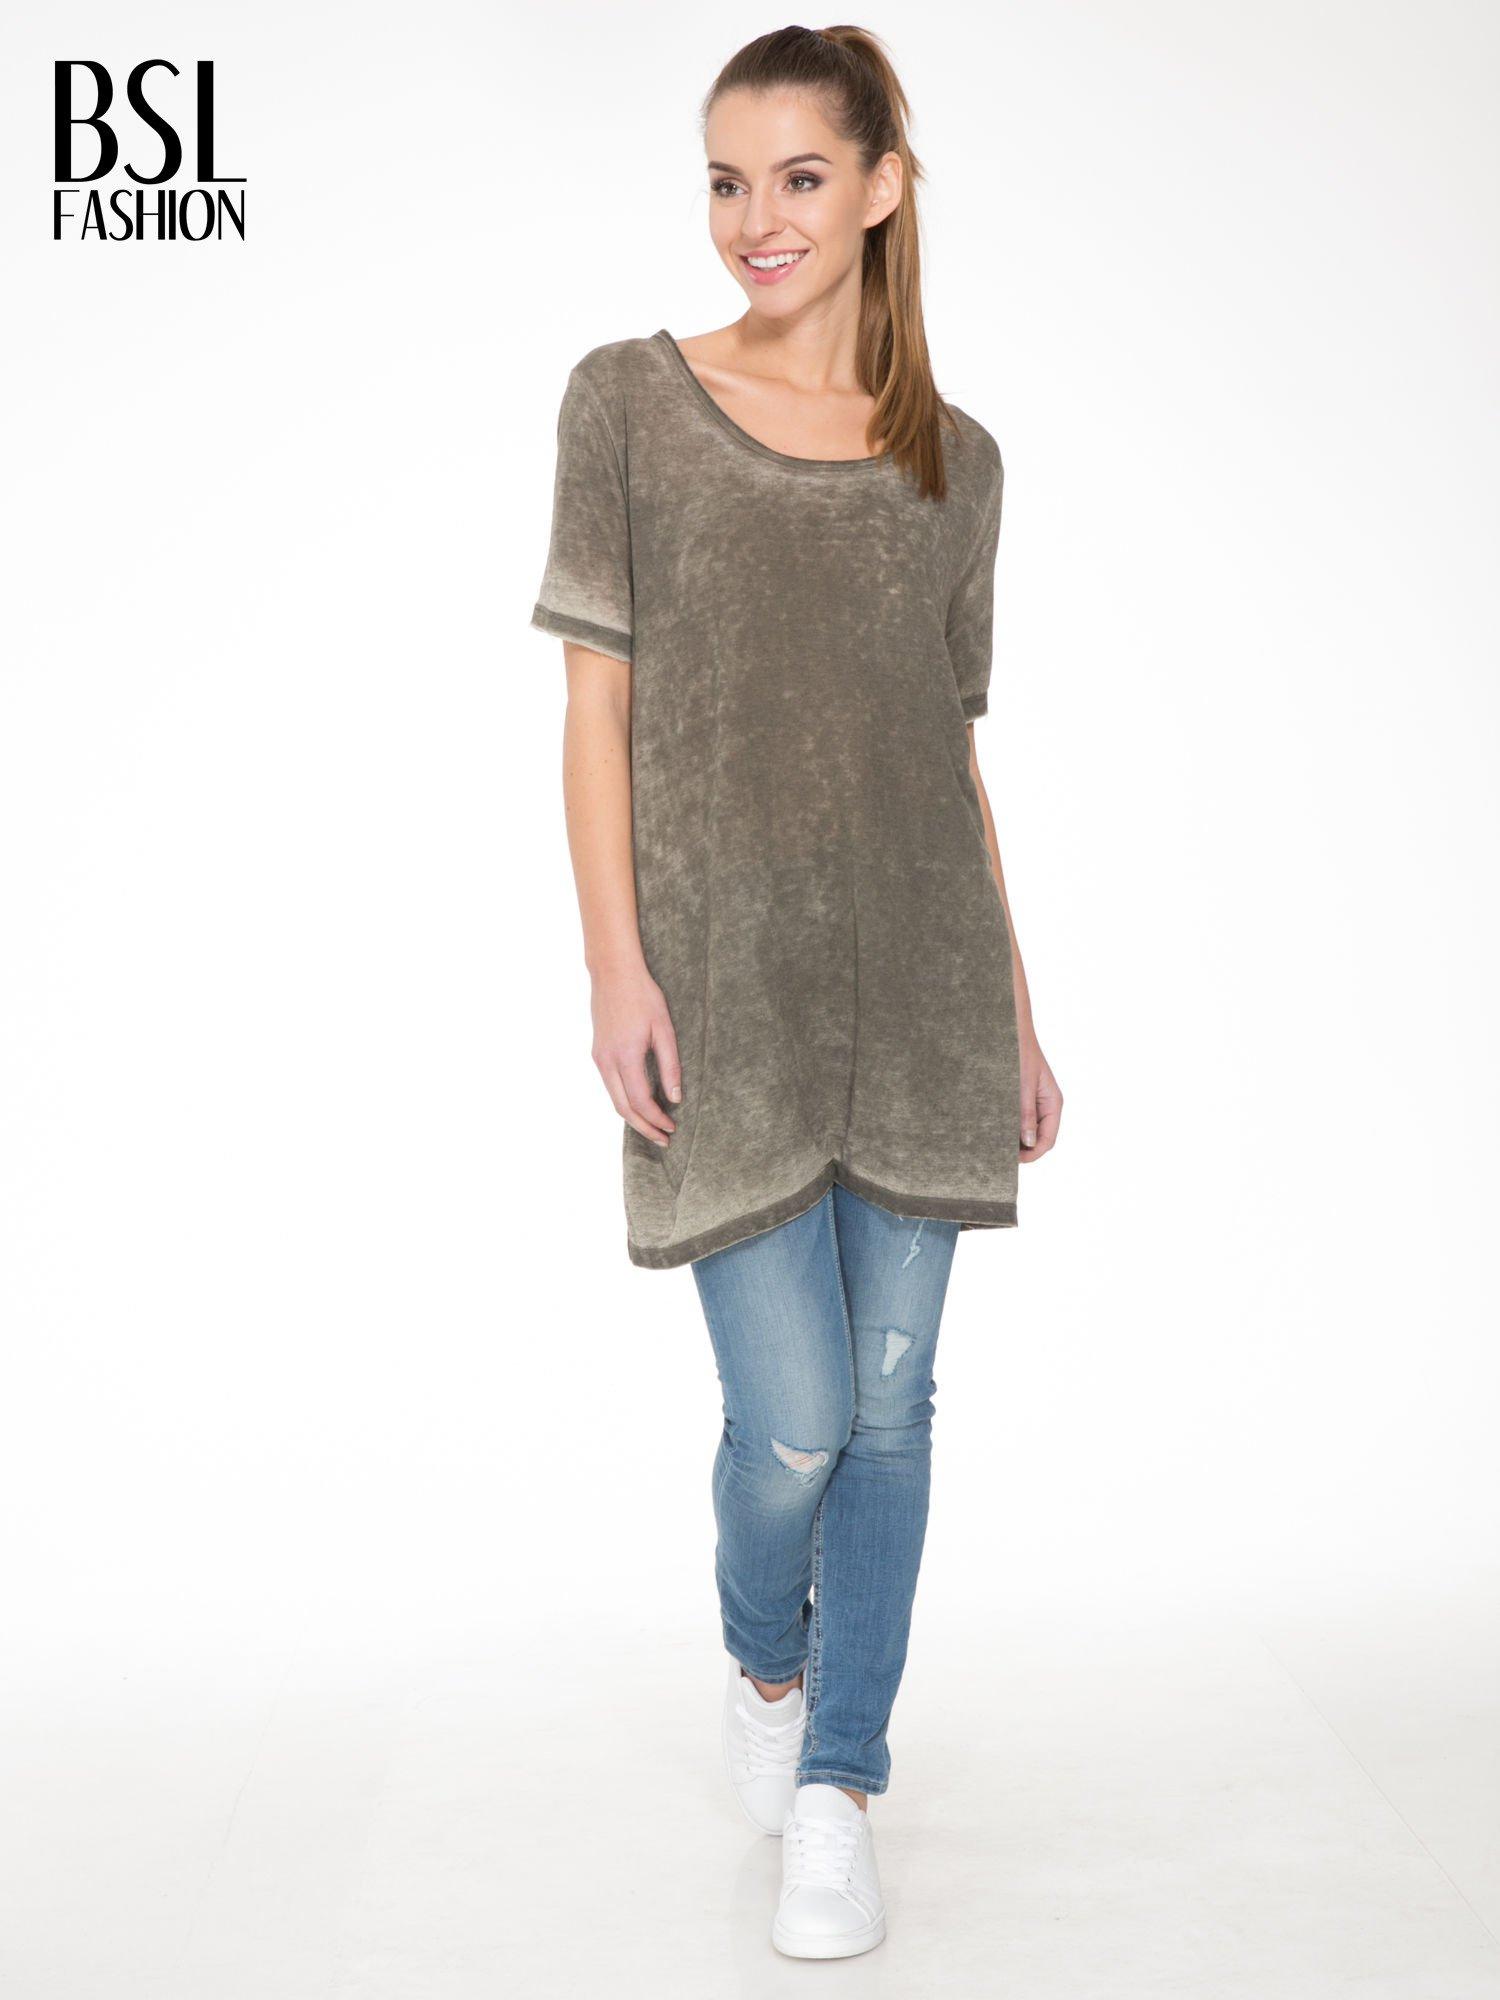 Khaki sukienka typu t-shirt bluzka z efektem dekatyzowania                                  zdj.                                  2